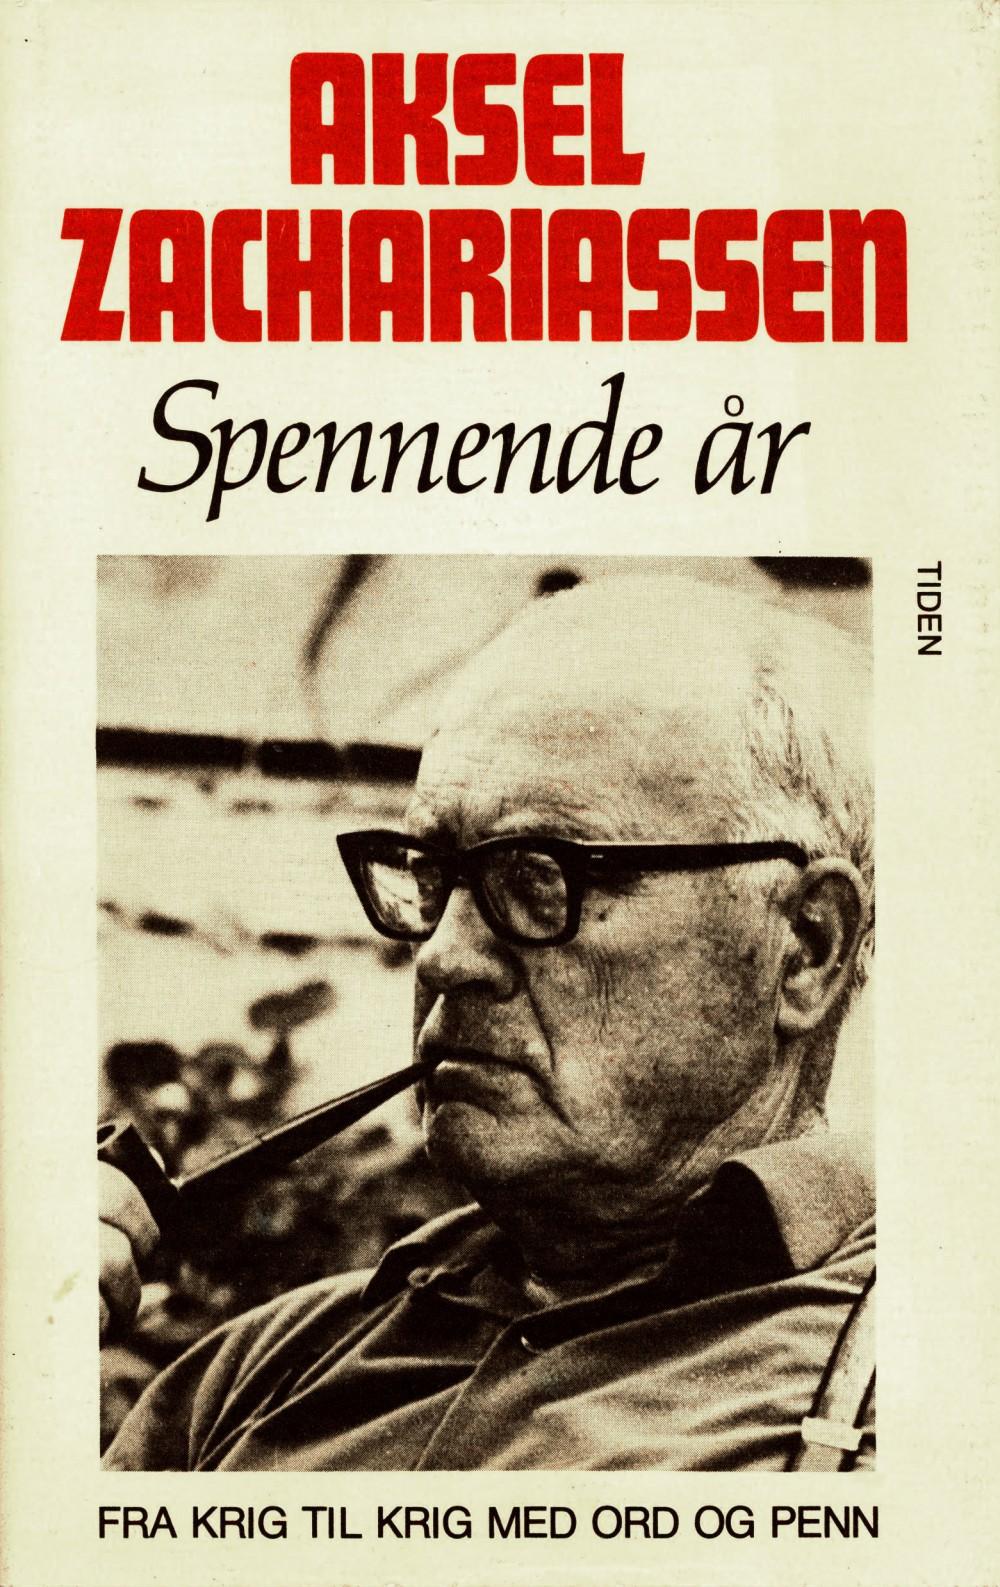 Aksel Zachariassen: Spennende år - Fra krig til krig med ord og penn